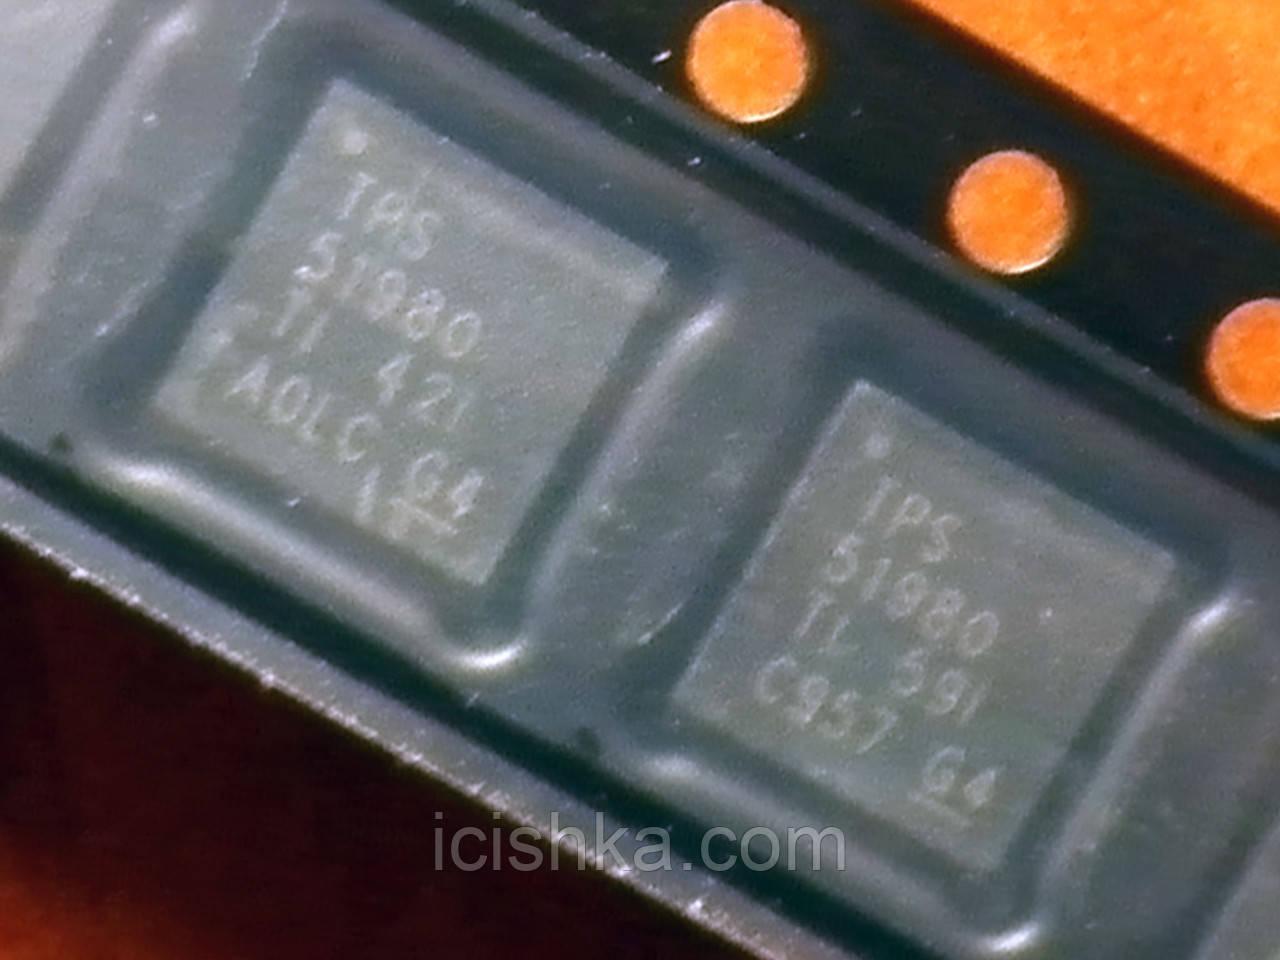 TPS51980 QFN32 - контроллер питания дежурных напряжений MacBook